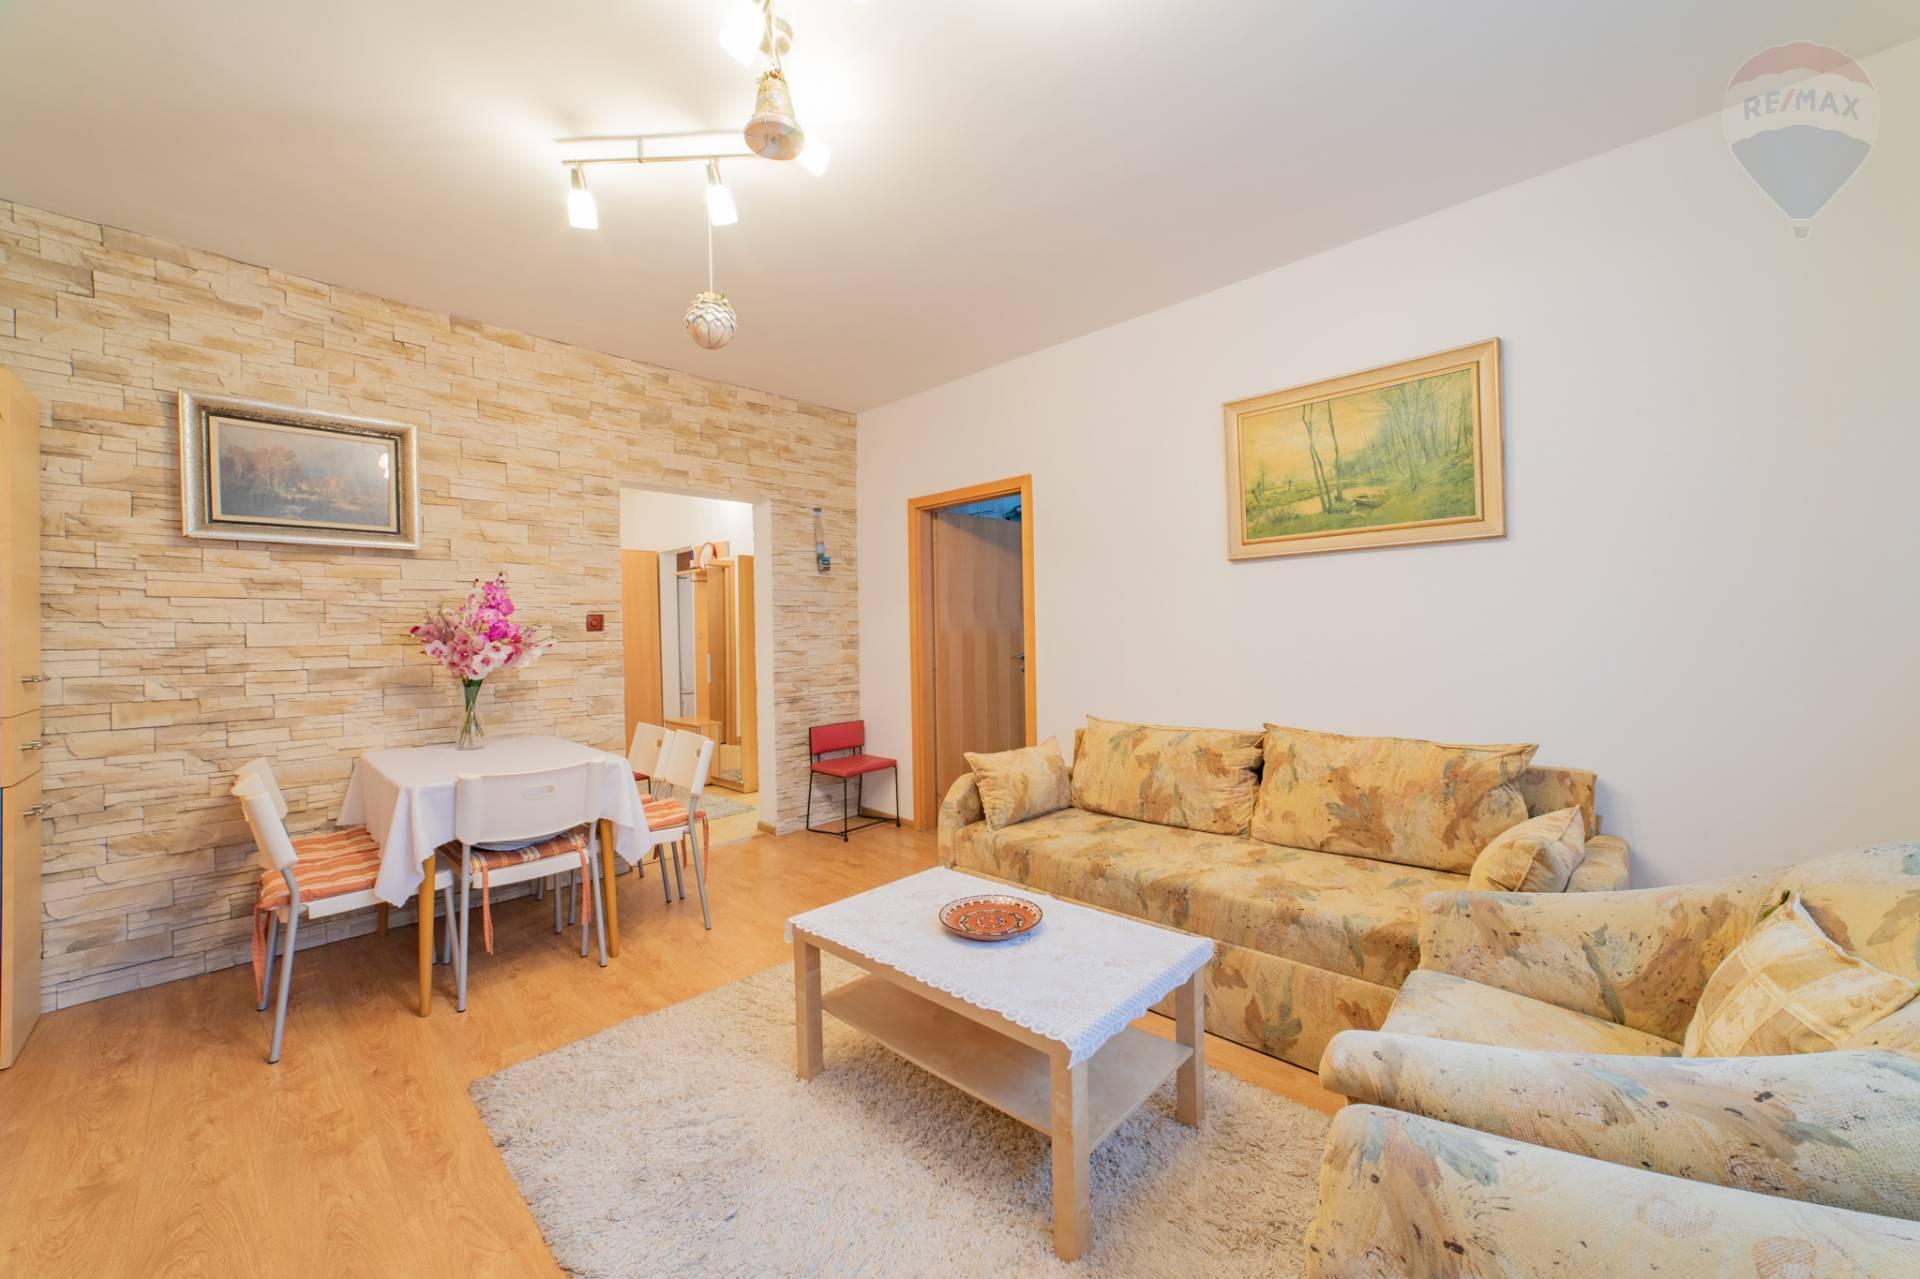 PRENÁJOM >> 3 izbový byt – Poľnohospodárska ulica Vrakuňa